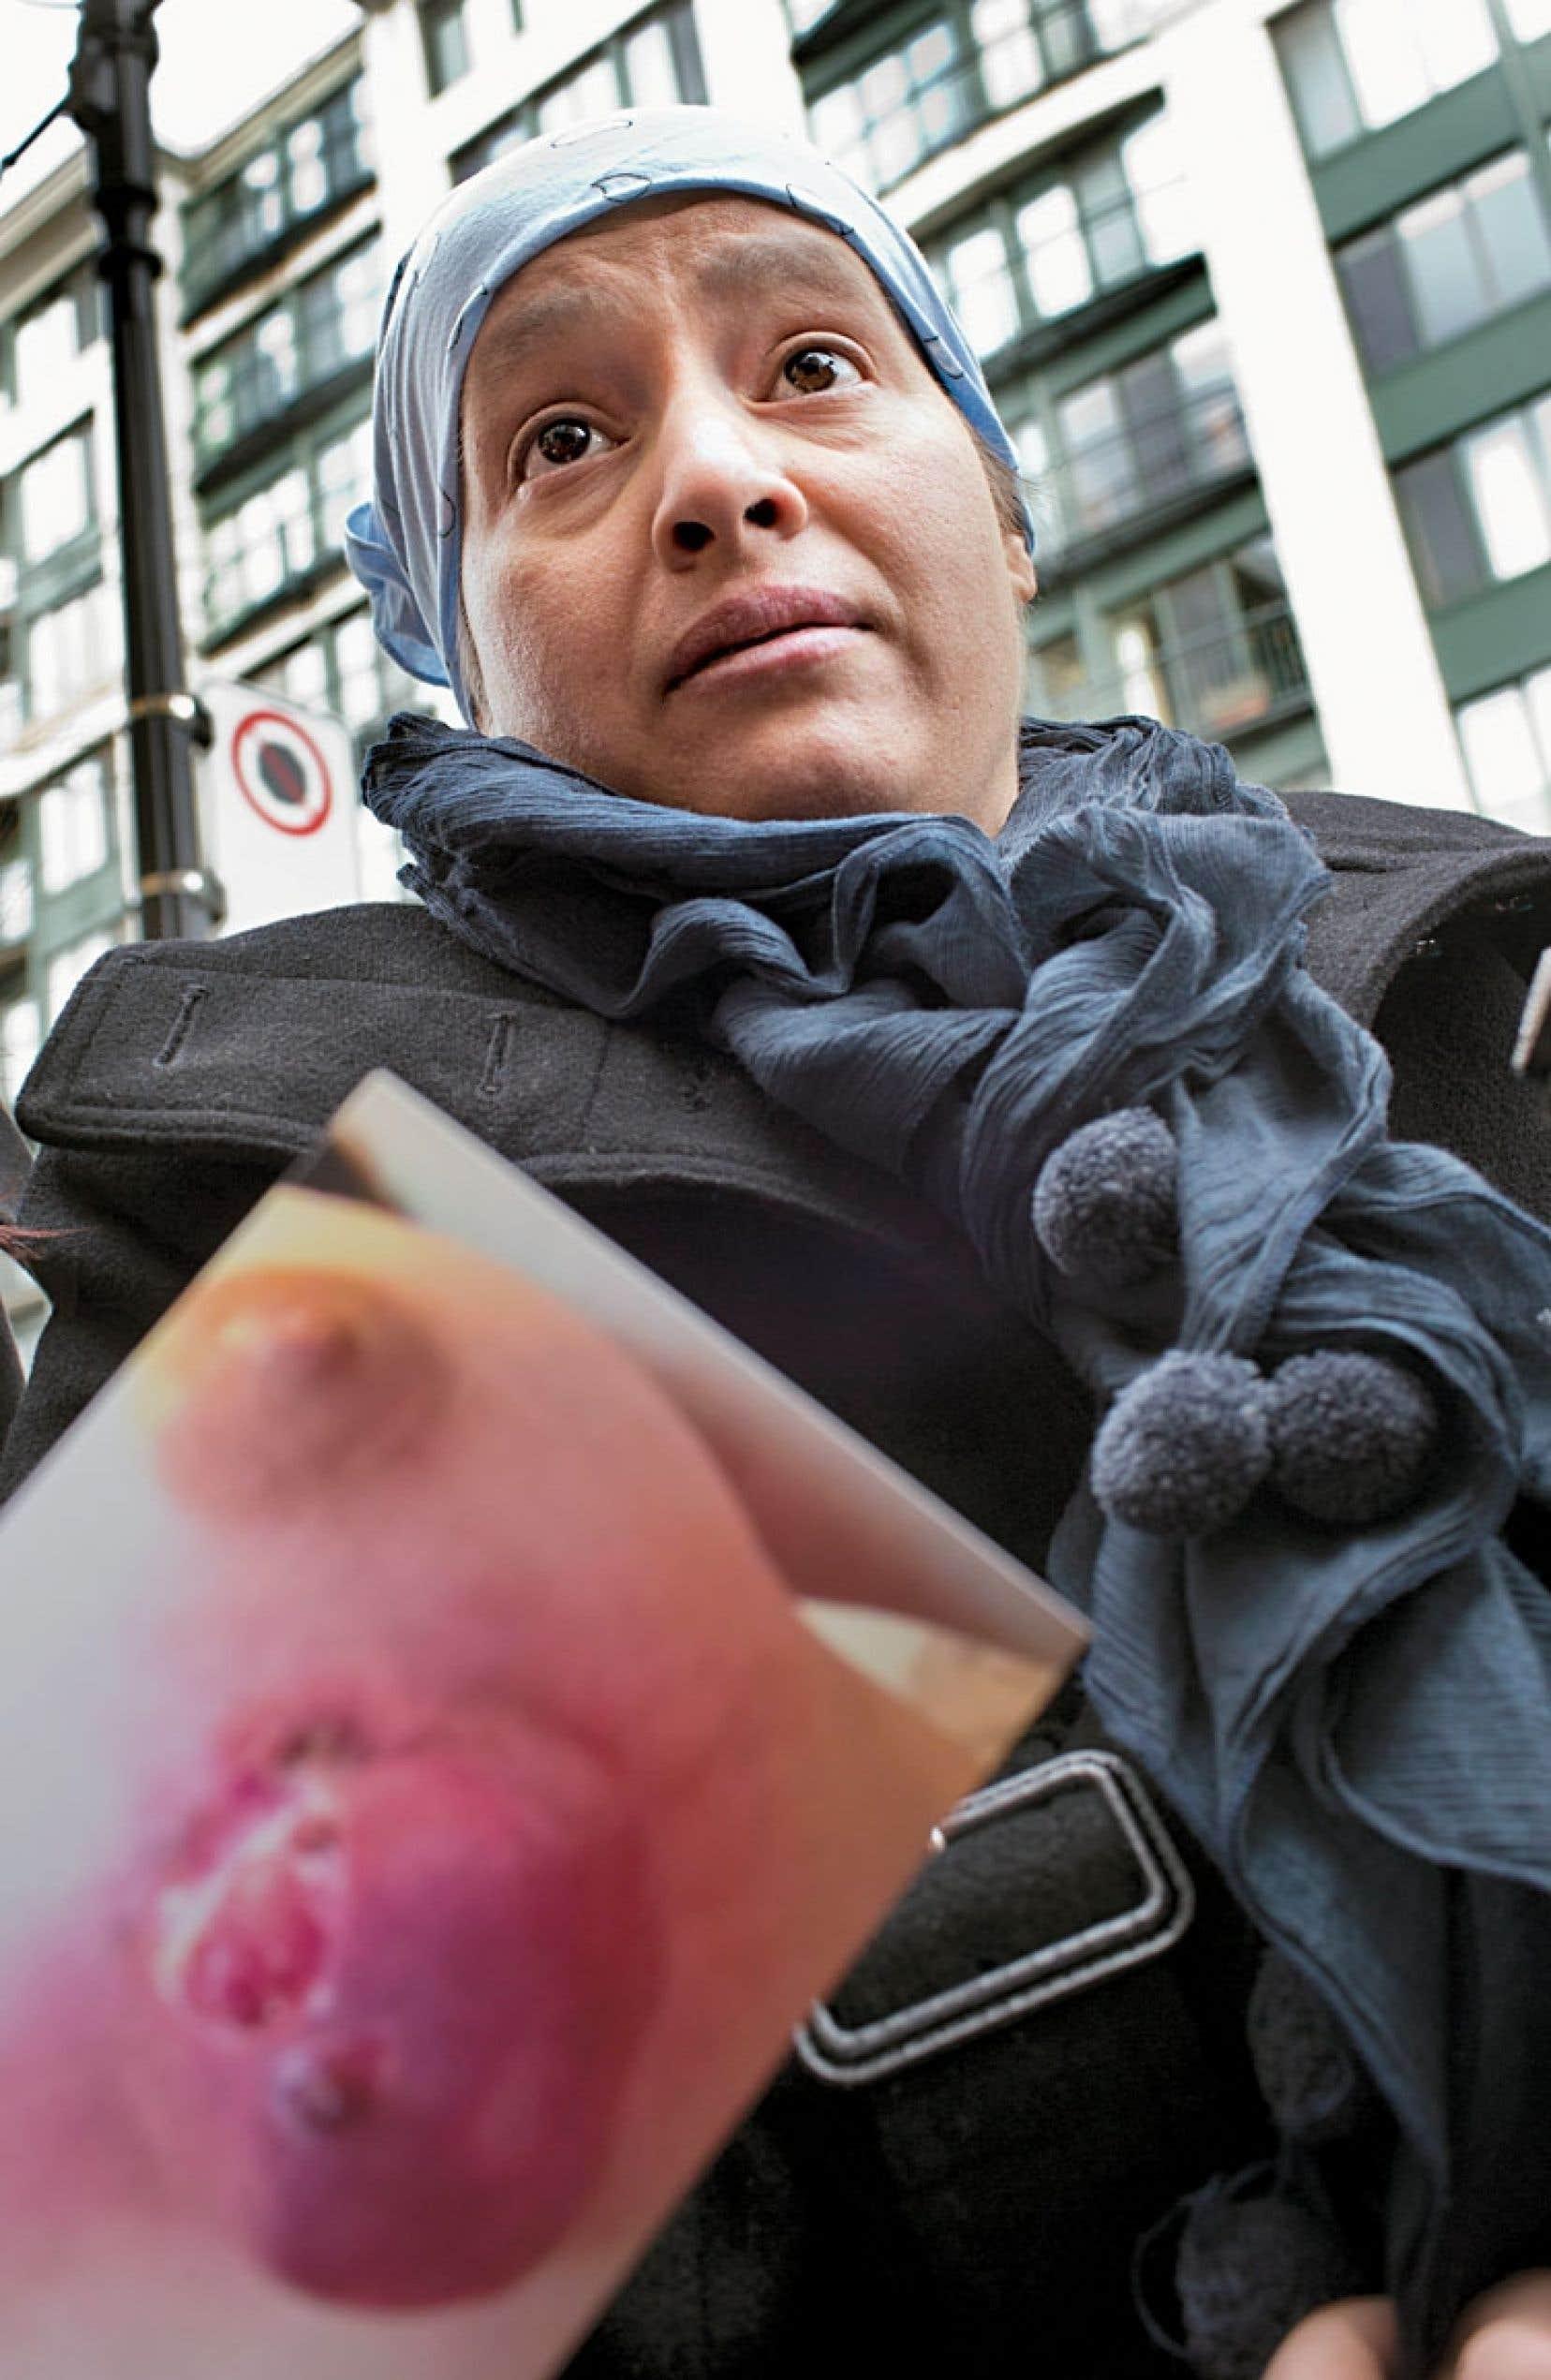 Ouacila Djemai est née en Algérie il y a 35 ans. Elle a émigré à Montréal en 2011.